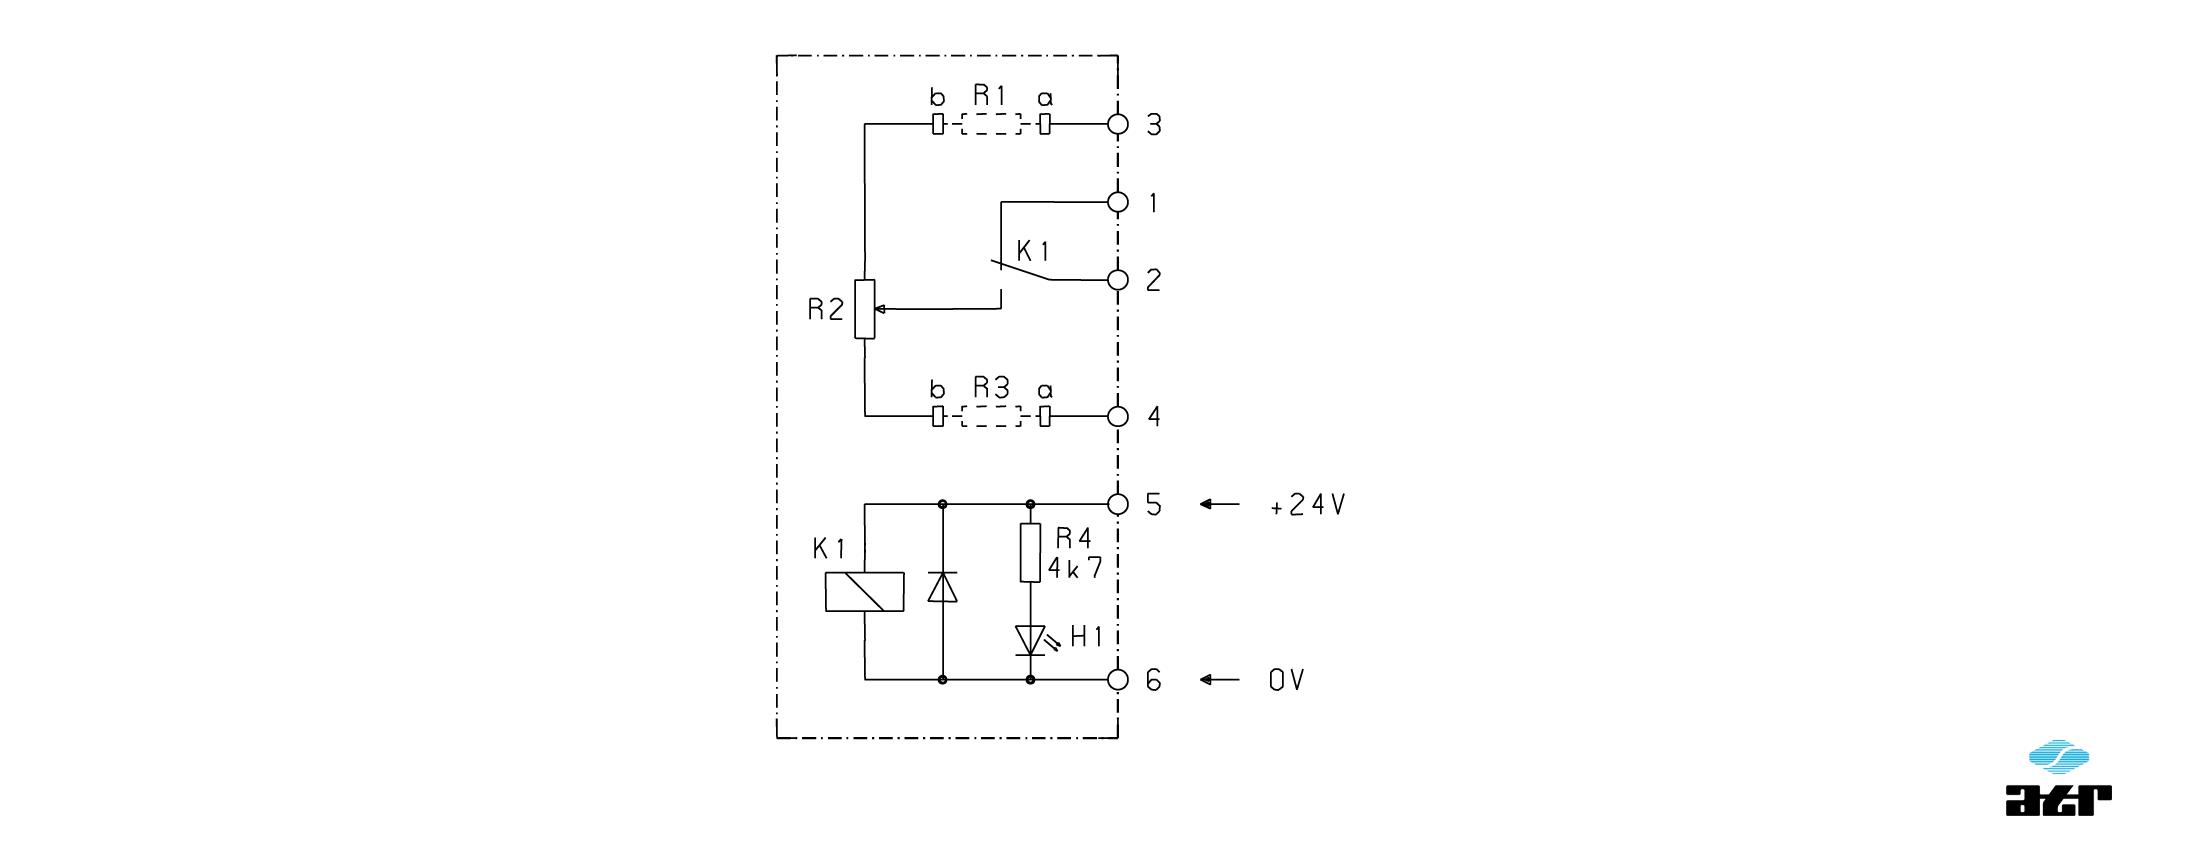 Anschlussplan: ATR Sollwertvorgabe IG1 + IG2